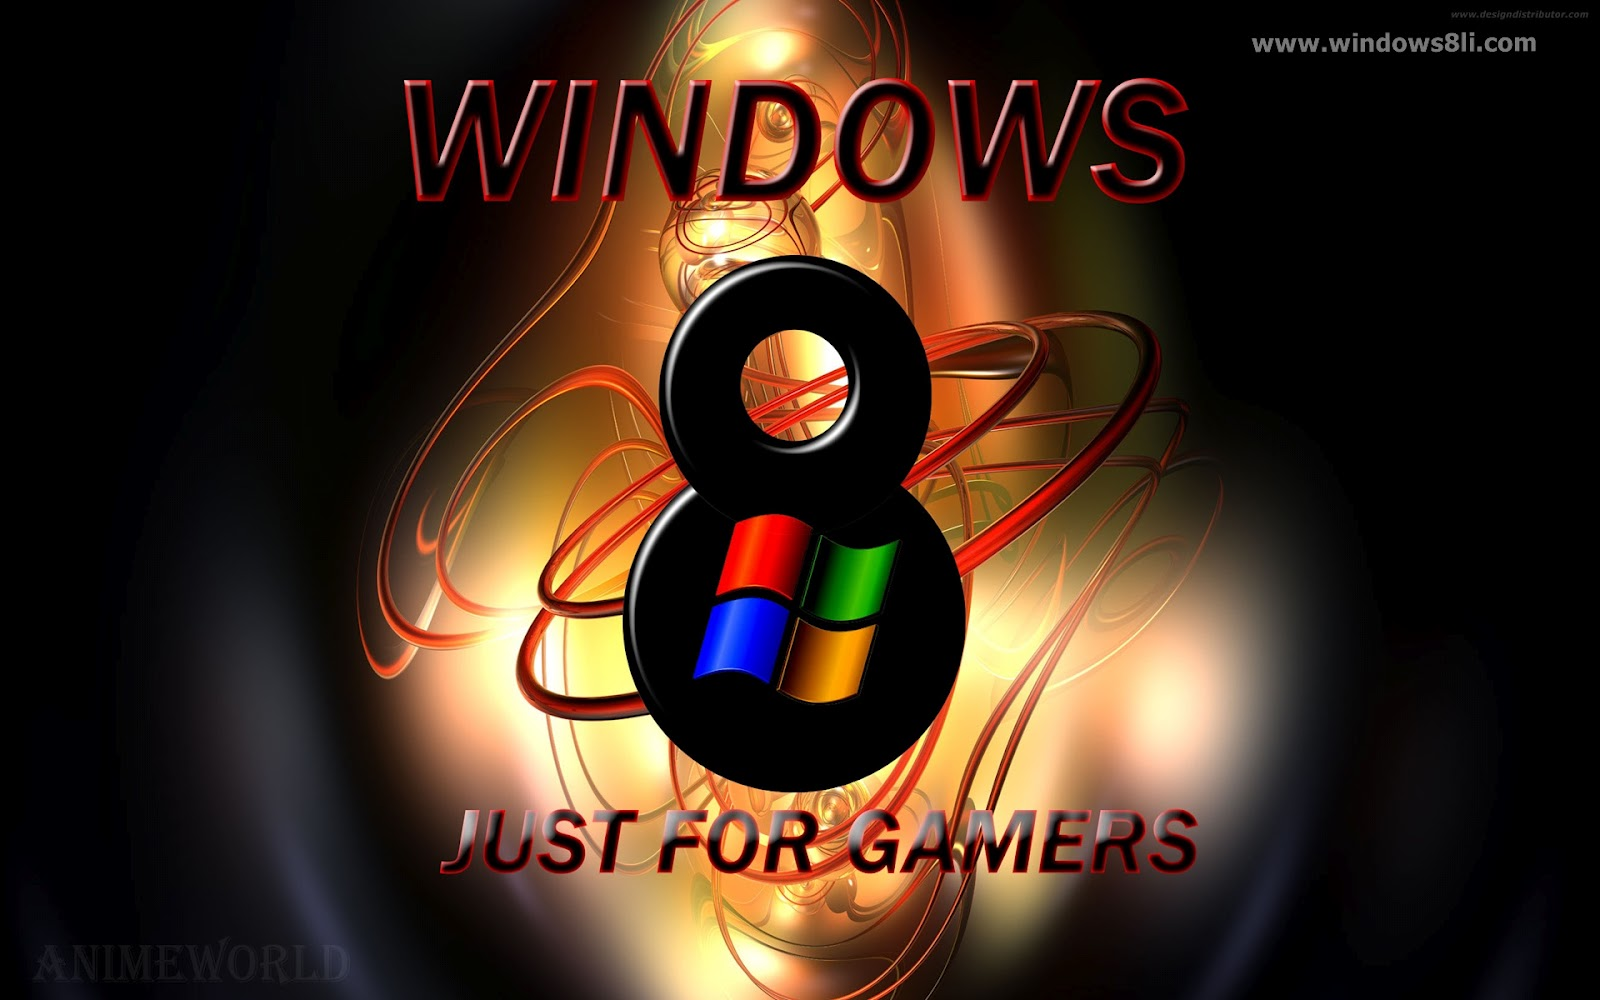 http://4.bp.blogspot.com/-PIwtq4nPcEY/T93F0QqDkUI/AAAAAAAAHSc/MM4RXFIAL9A/s1600/windows+8+arka+plan+www.windows8li.com+%2811%29.jpg